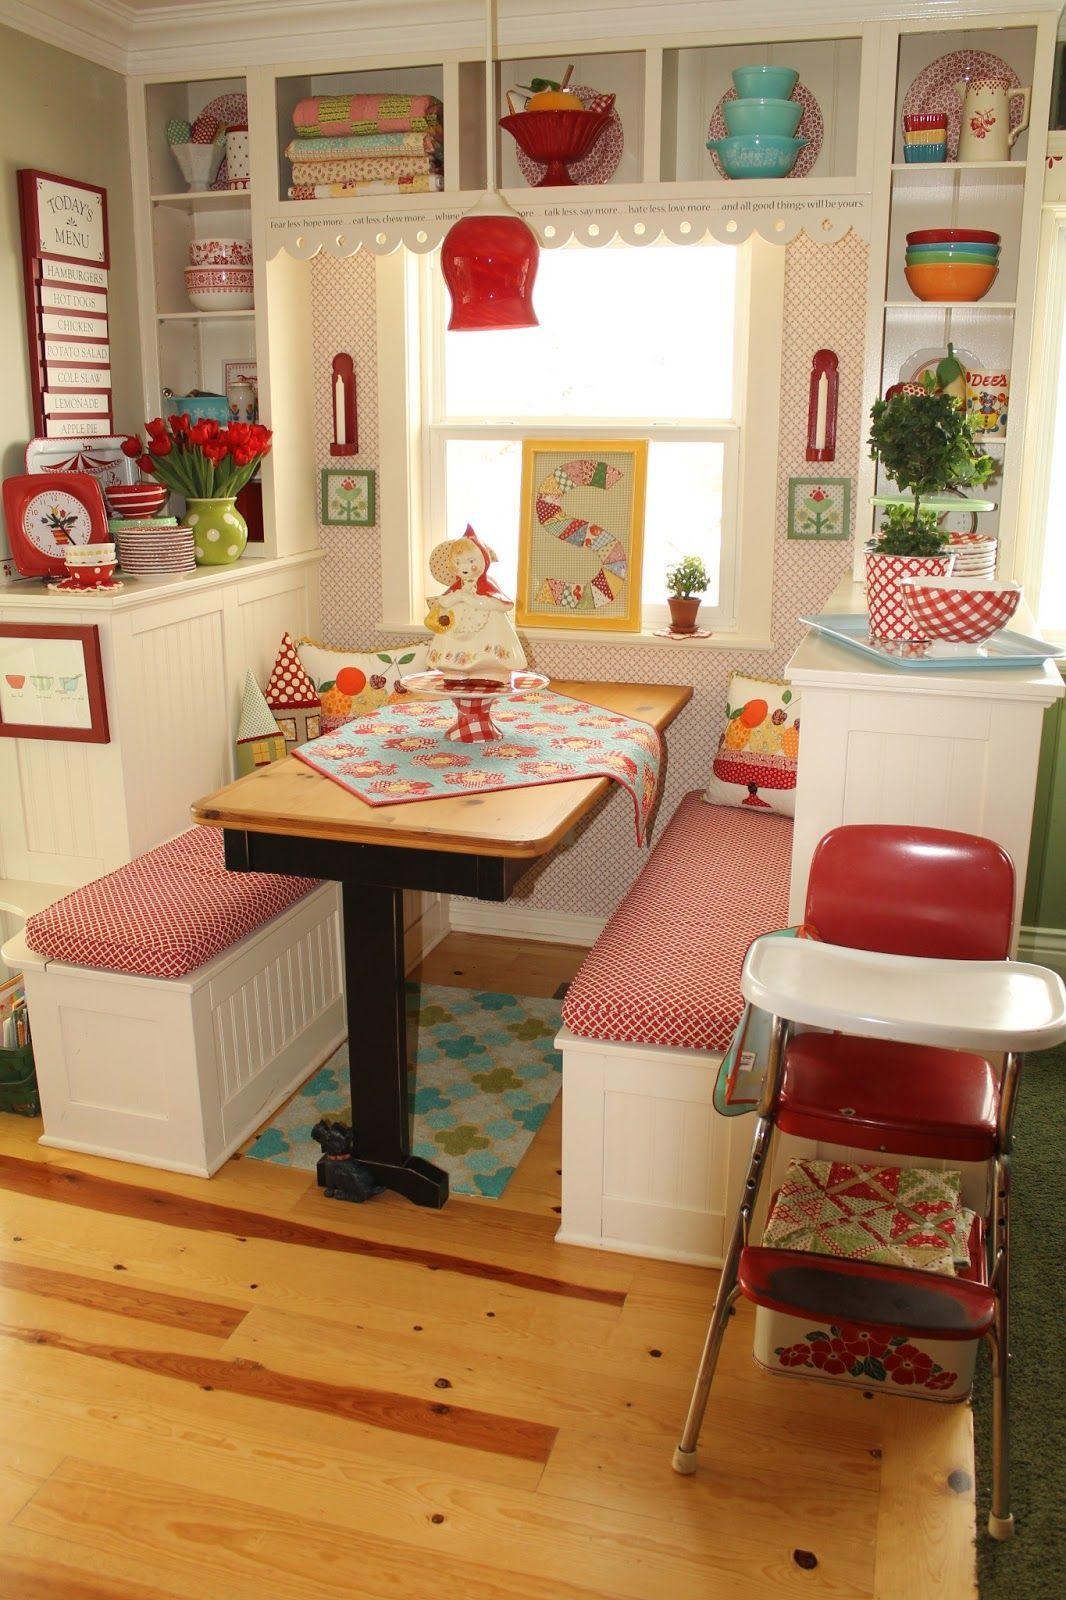 20 Lovely Retro Kitchen Design Ideas #vintagekitchen